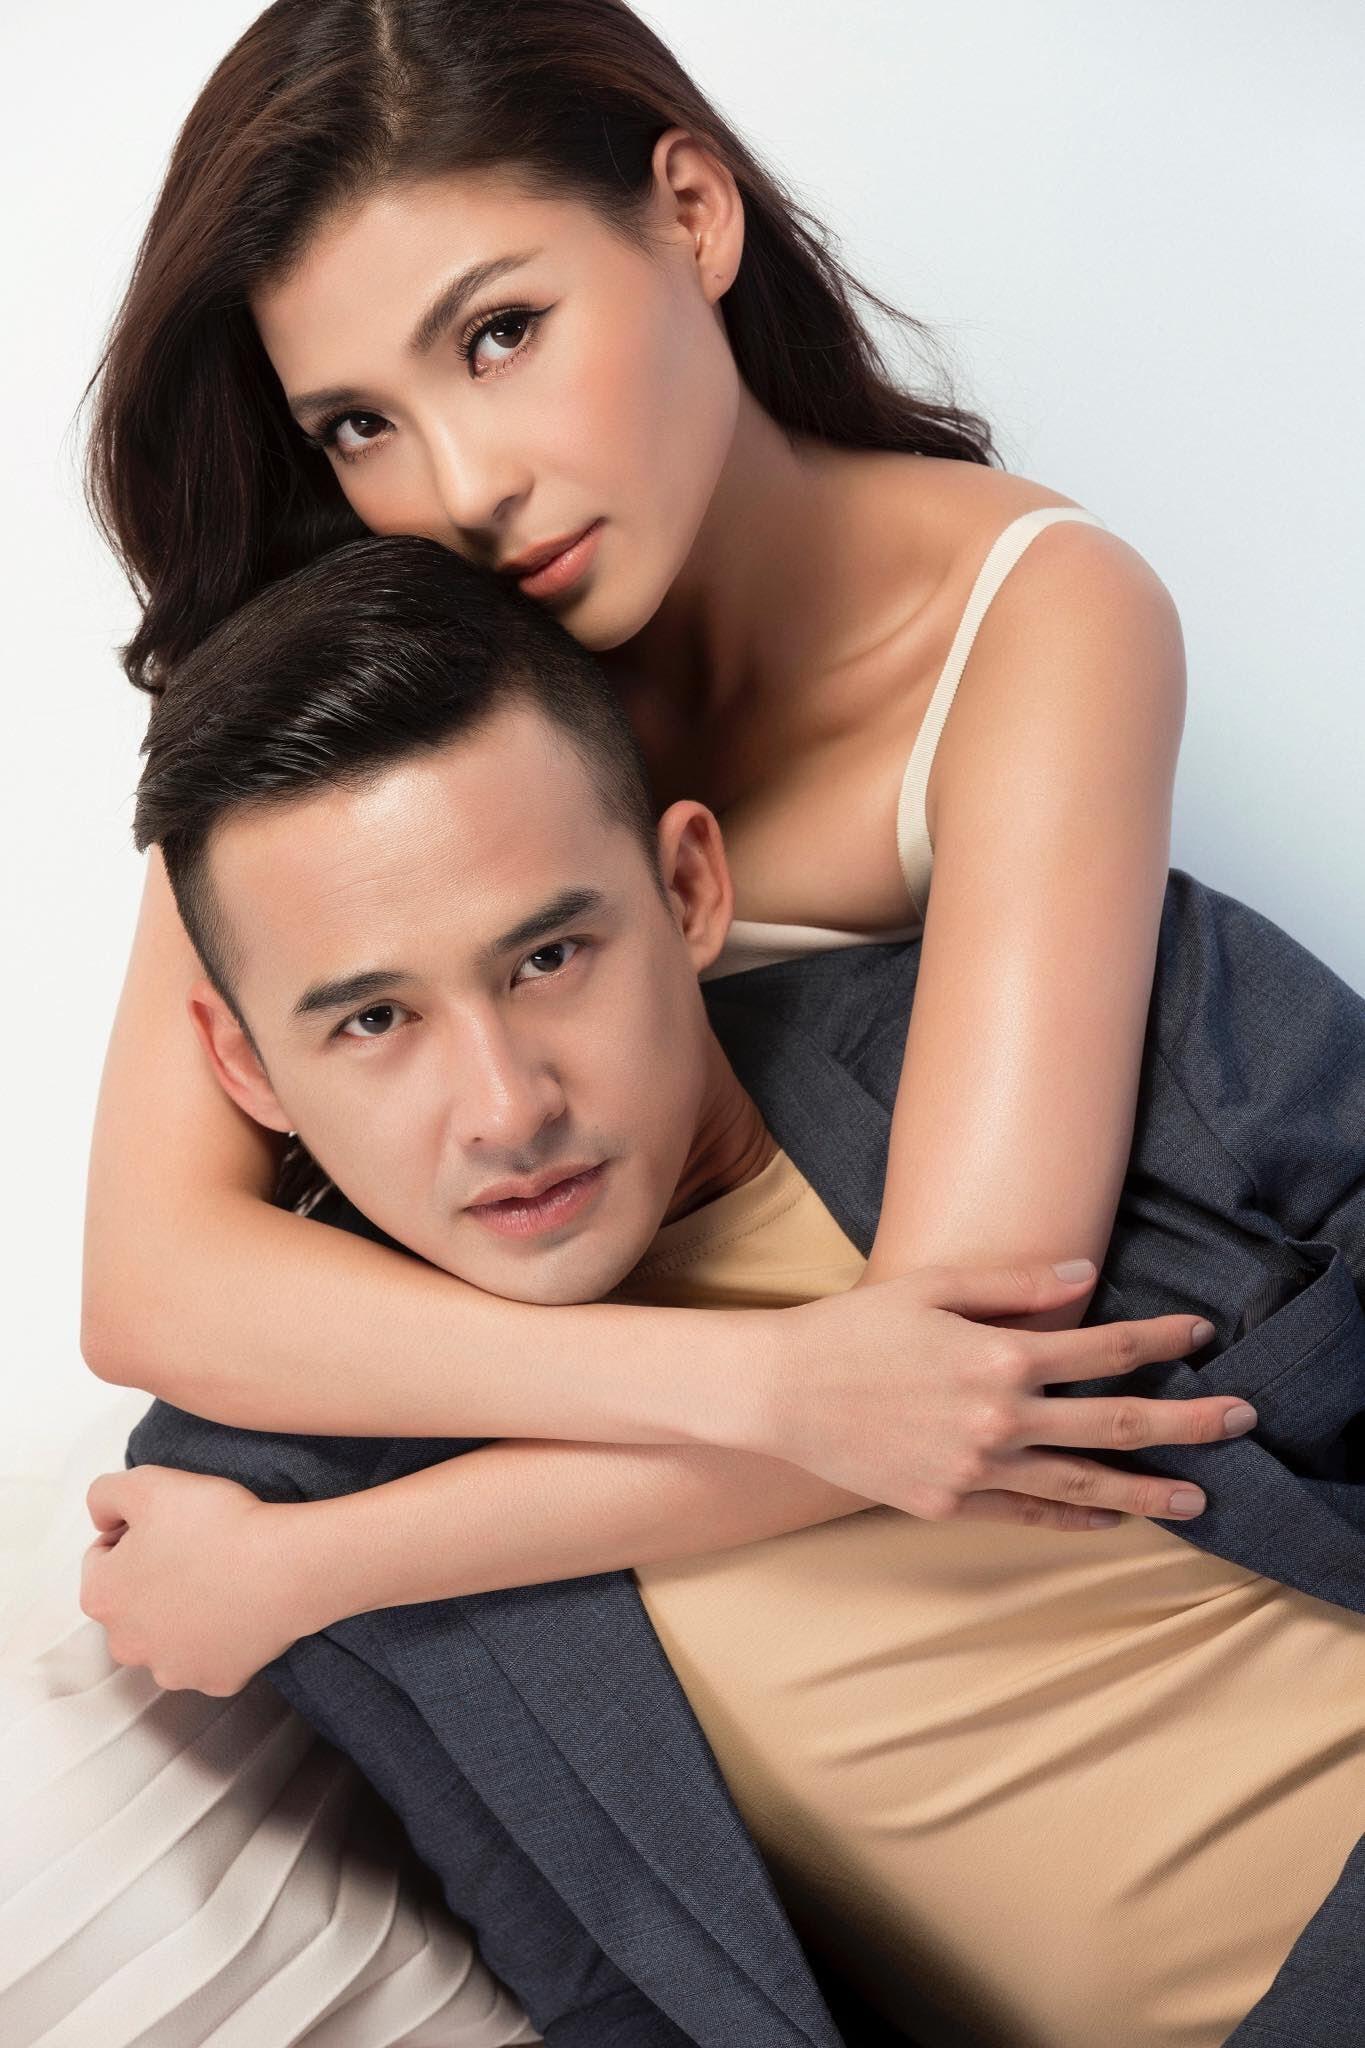 Chán chê đóng phim, vợ chồng Lương Thế Thành - Thuý Diễm lần đầu ngồi ghế nóng đấu trường nhan sắc - Ảnh 3.